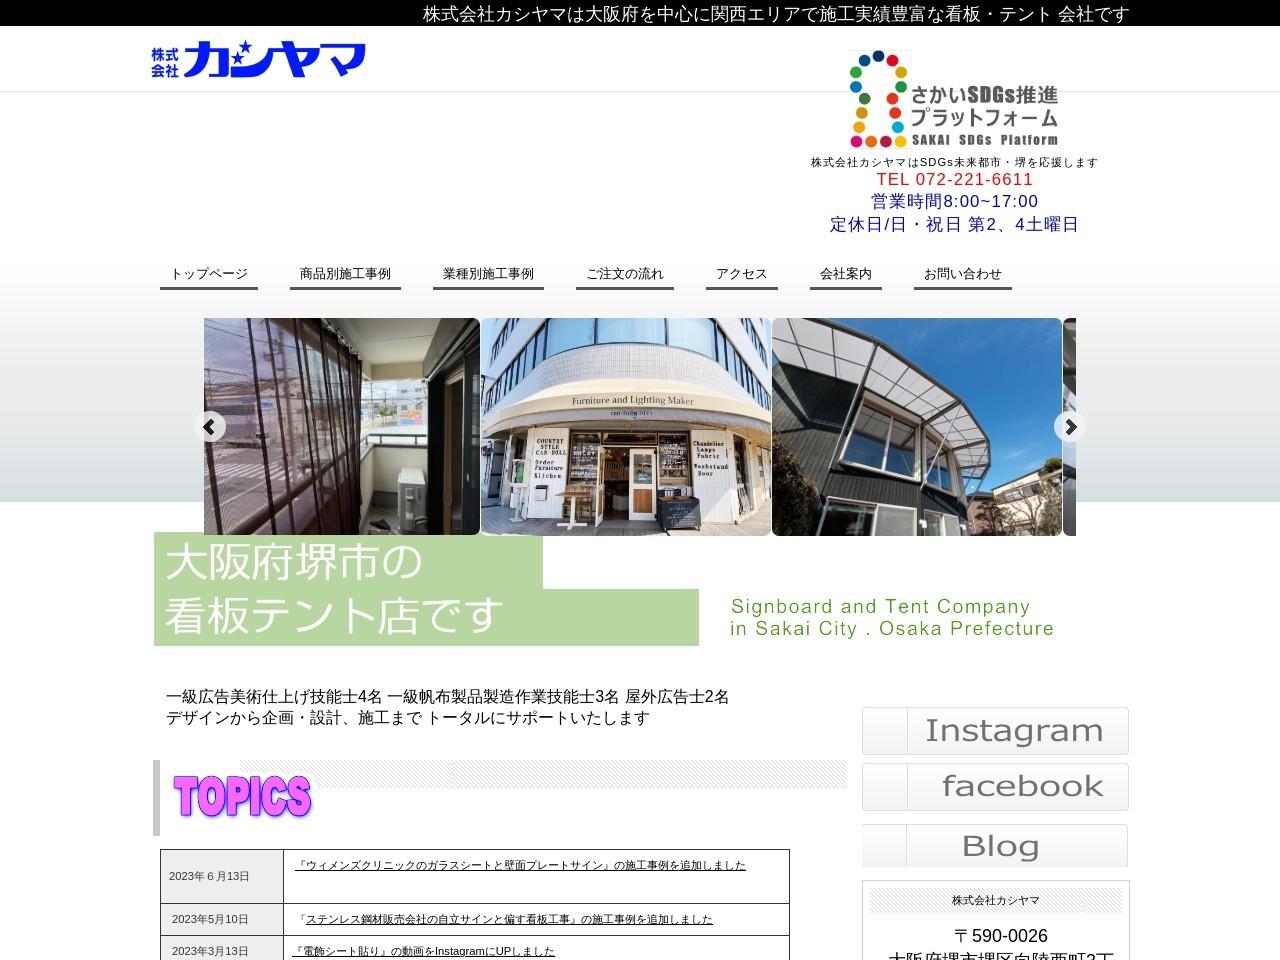 株式会社カシヤマ